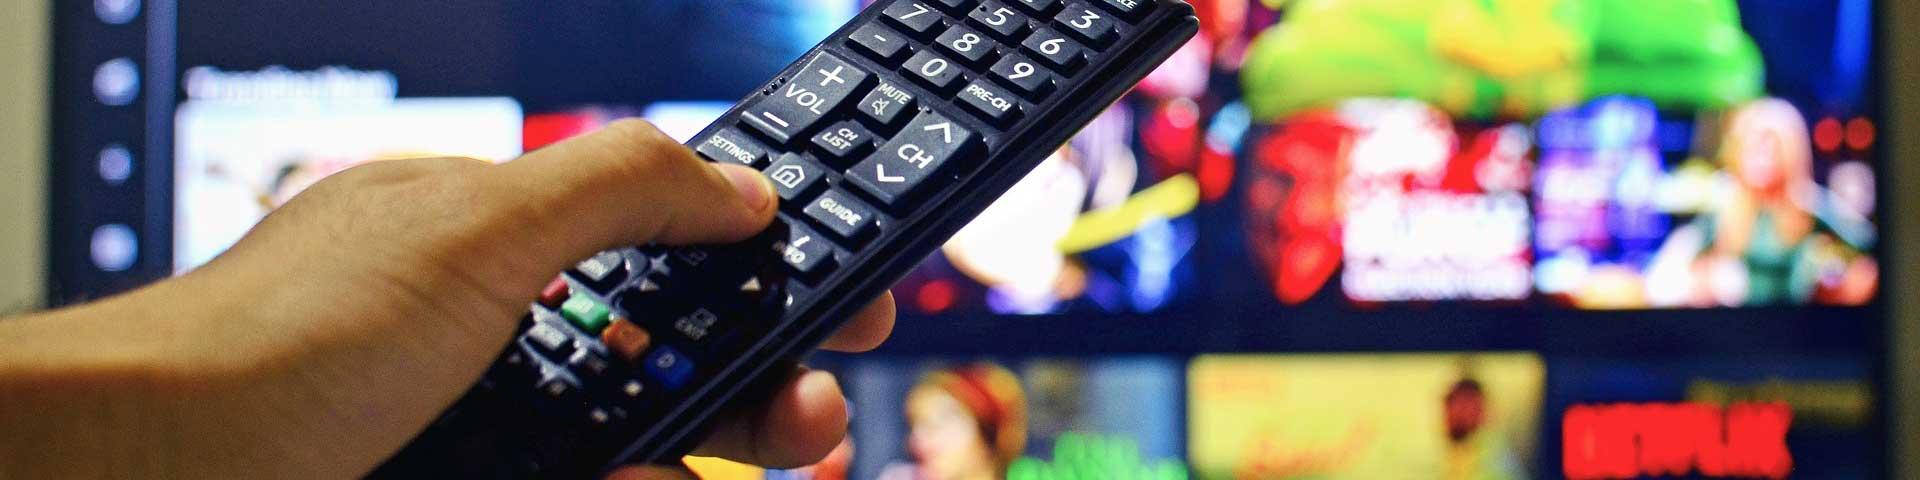 digitale TV vervangt analoge televisie